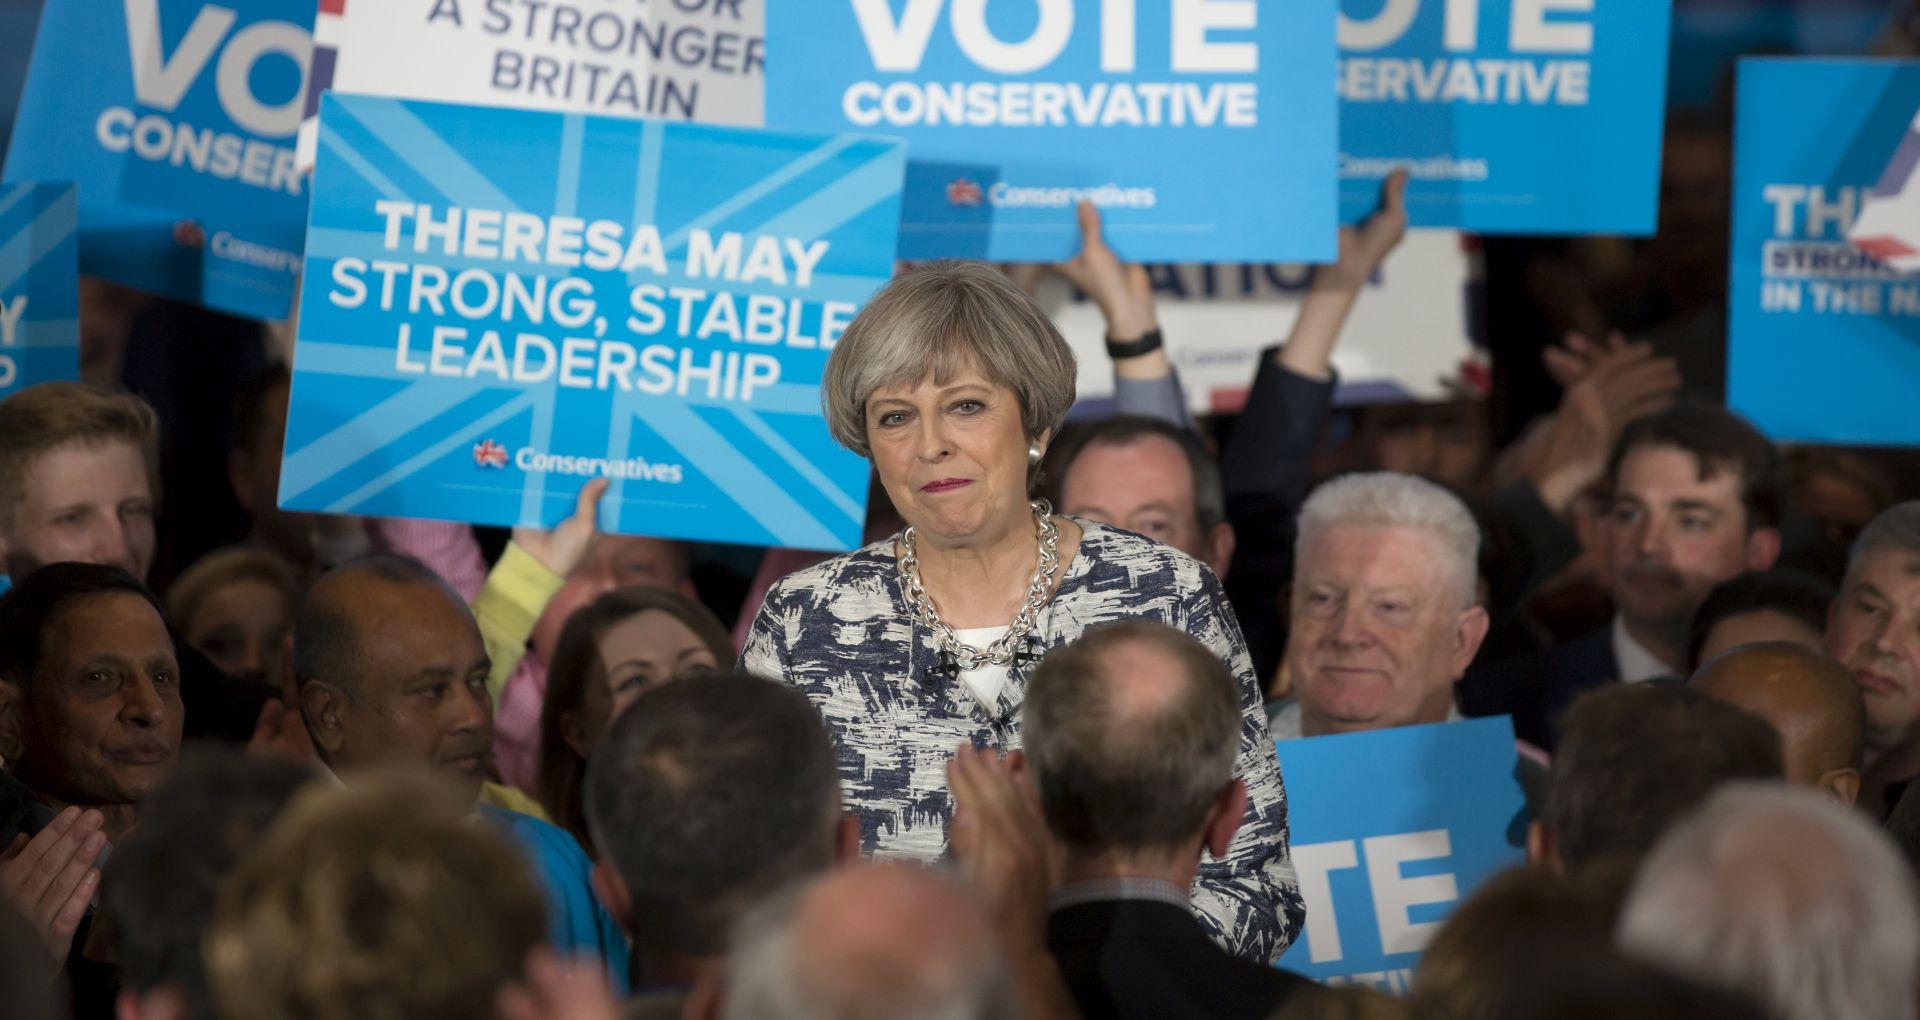 IZBORI U VELIKOJ BRITANIJI Ankete predviđaju uvjerljivu pobjedu Konzervativaca premijerke May